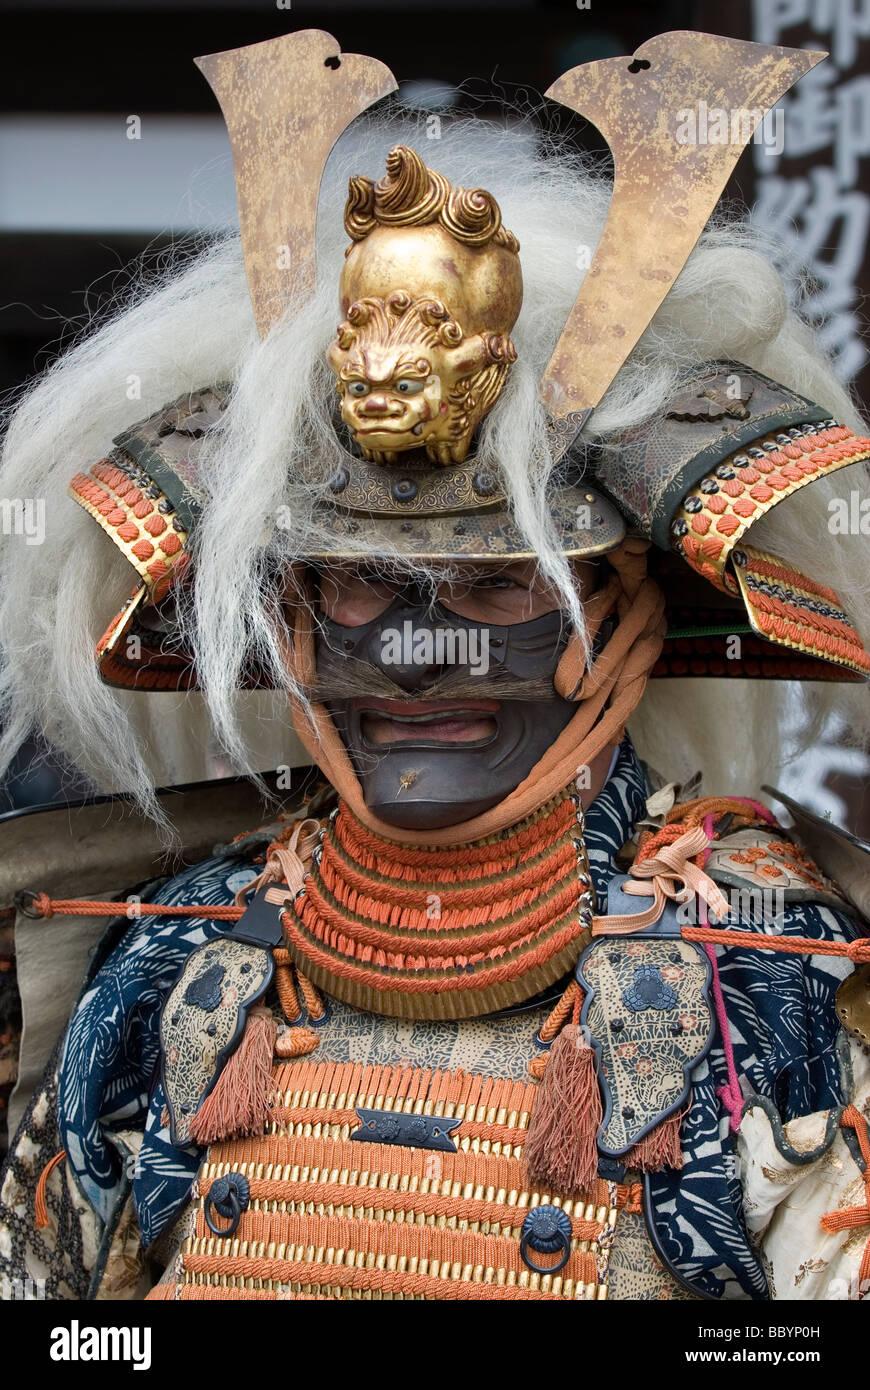 Samurai Armor Helmet